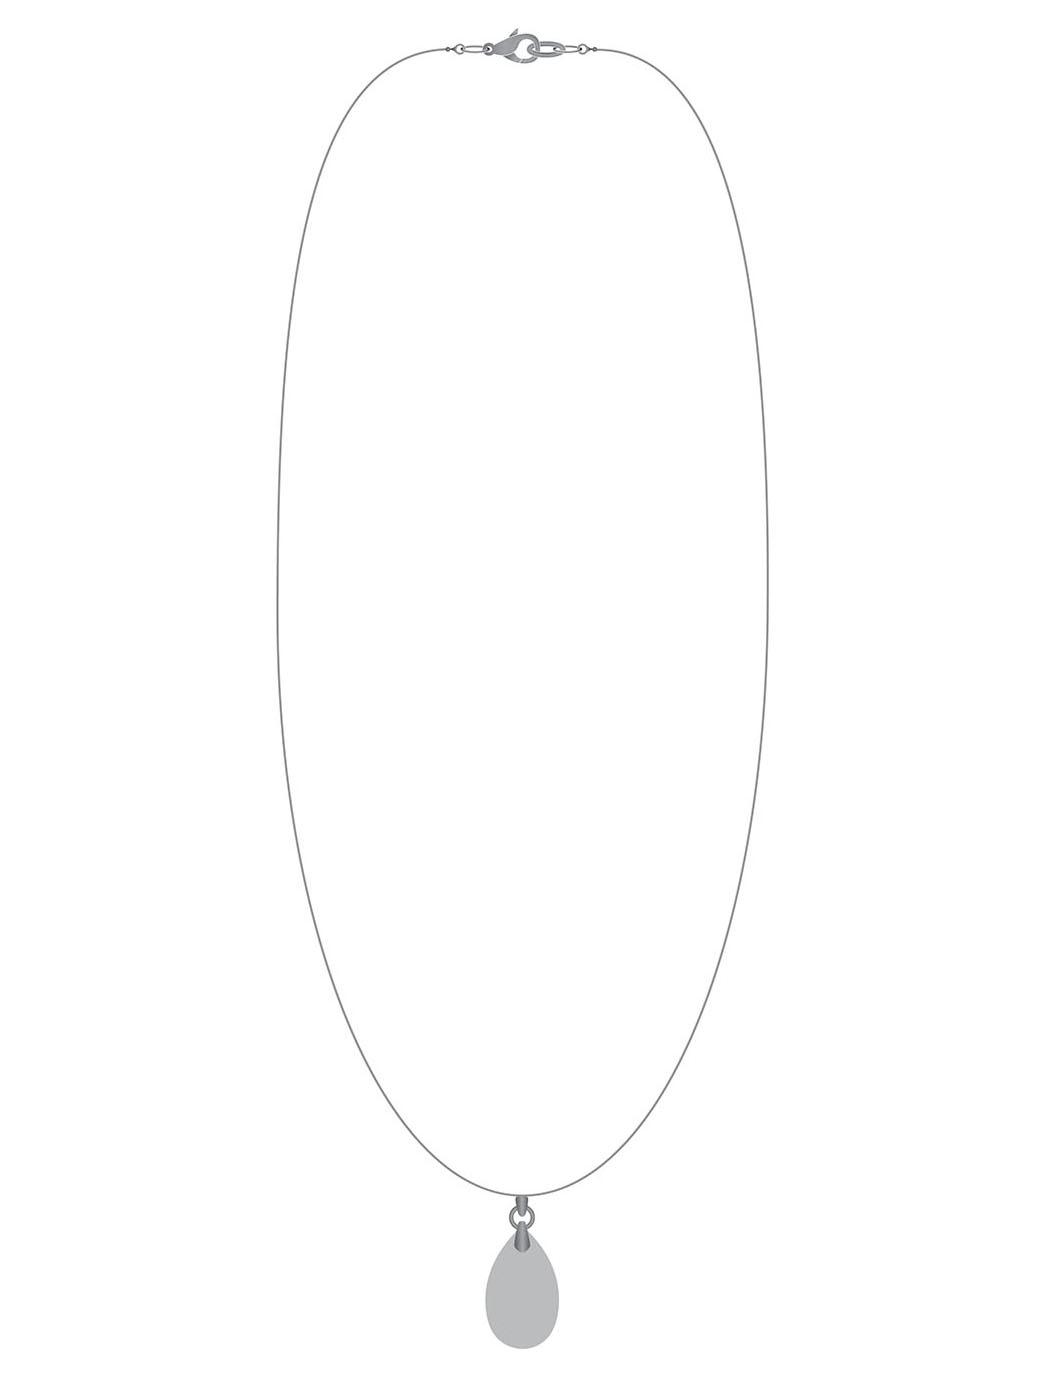 templates diwah jewellery